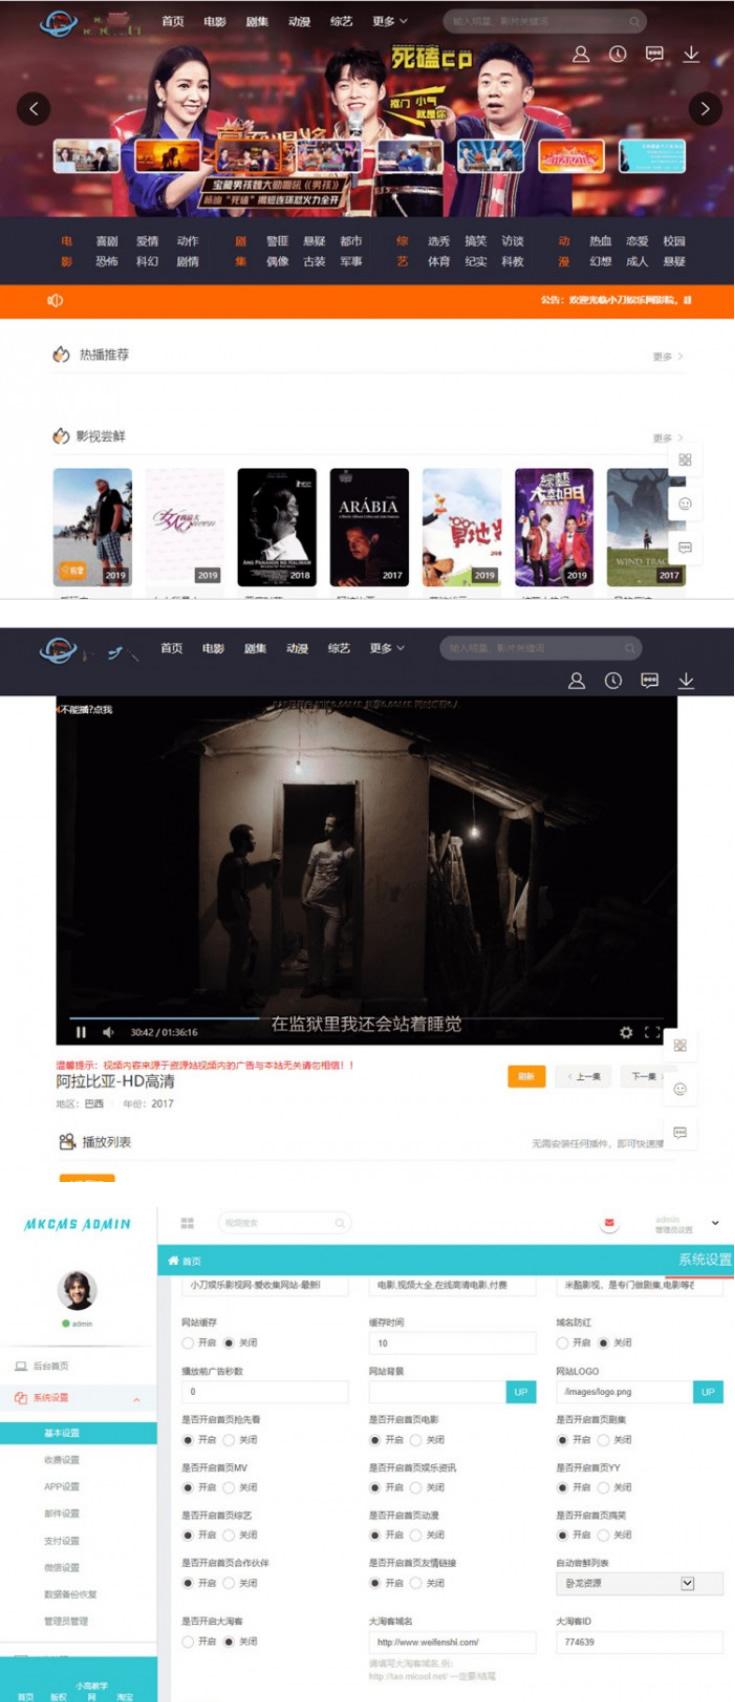 米酷影视6.2.4CMS自动采集全网影视PHP源码